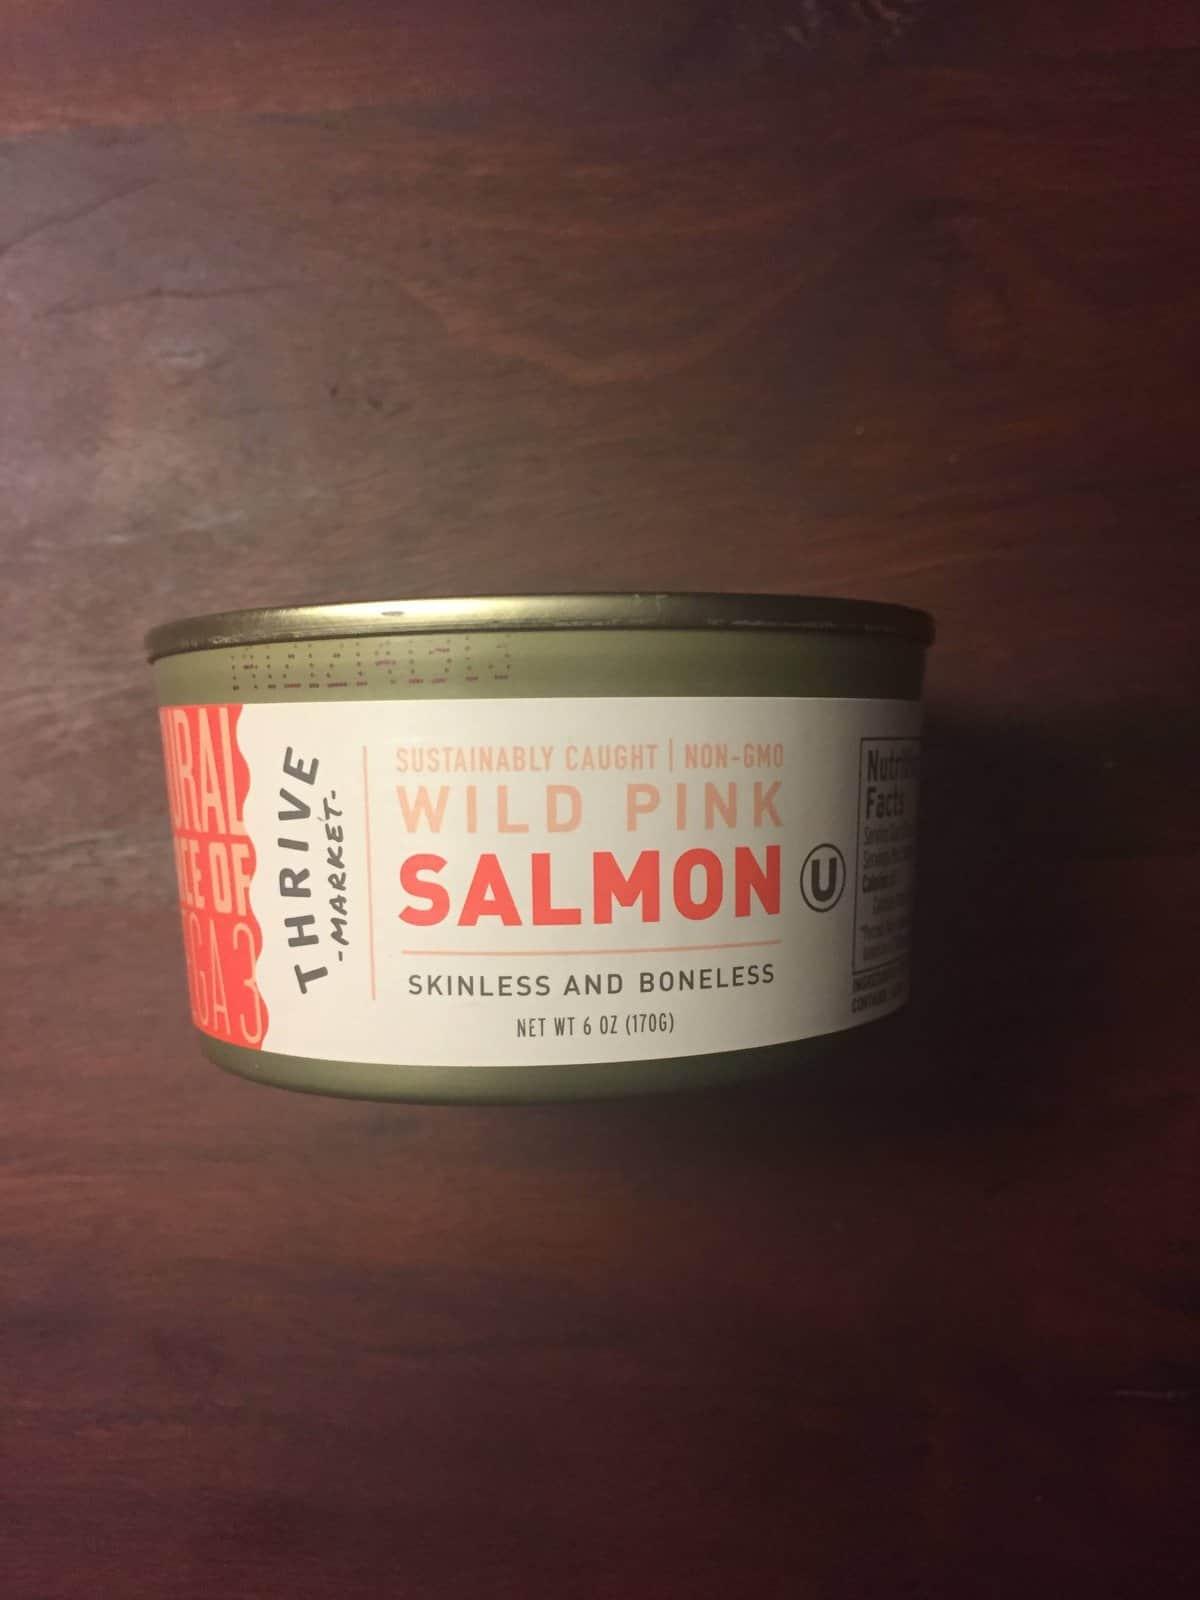 Thrive Market brand Wild Pink Salmon